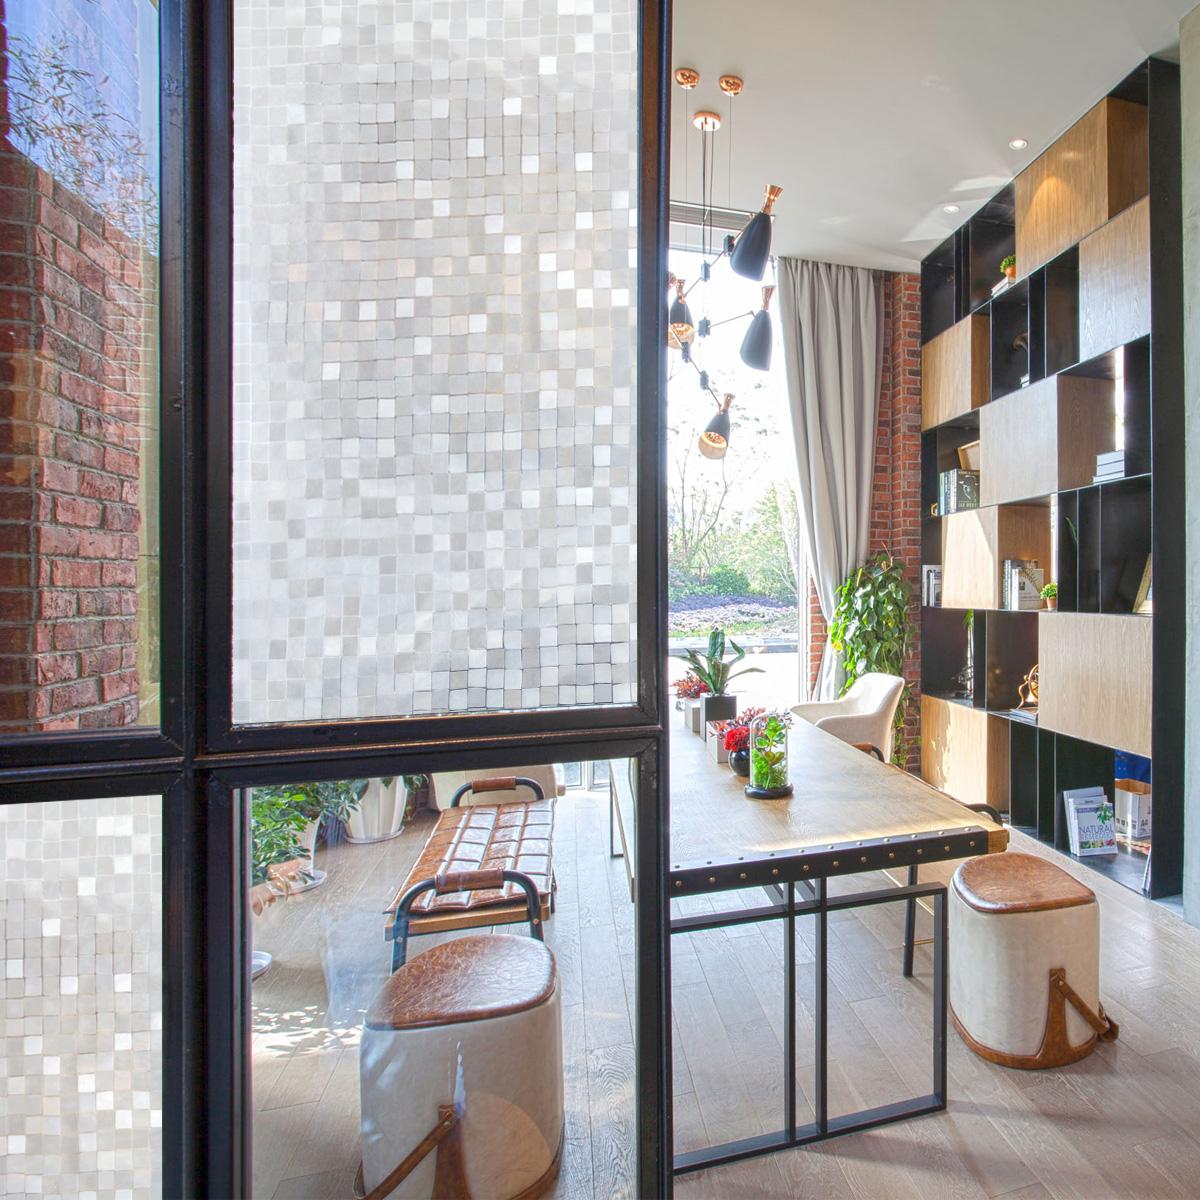 Full Size of Klebefolie Fenster Mosaik Fensterfolie Sichtschutz 45x200cm Pvc Teleskopstange Mit Lüftung Bodentief Velux Rollo Bodentiefe Folie Für Rc3 Auf Maß Fenster Klebefolie Fenster